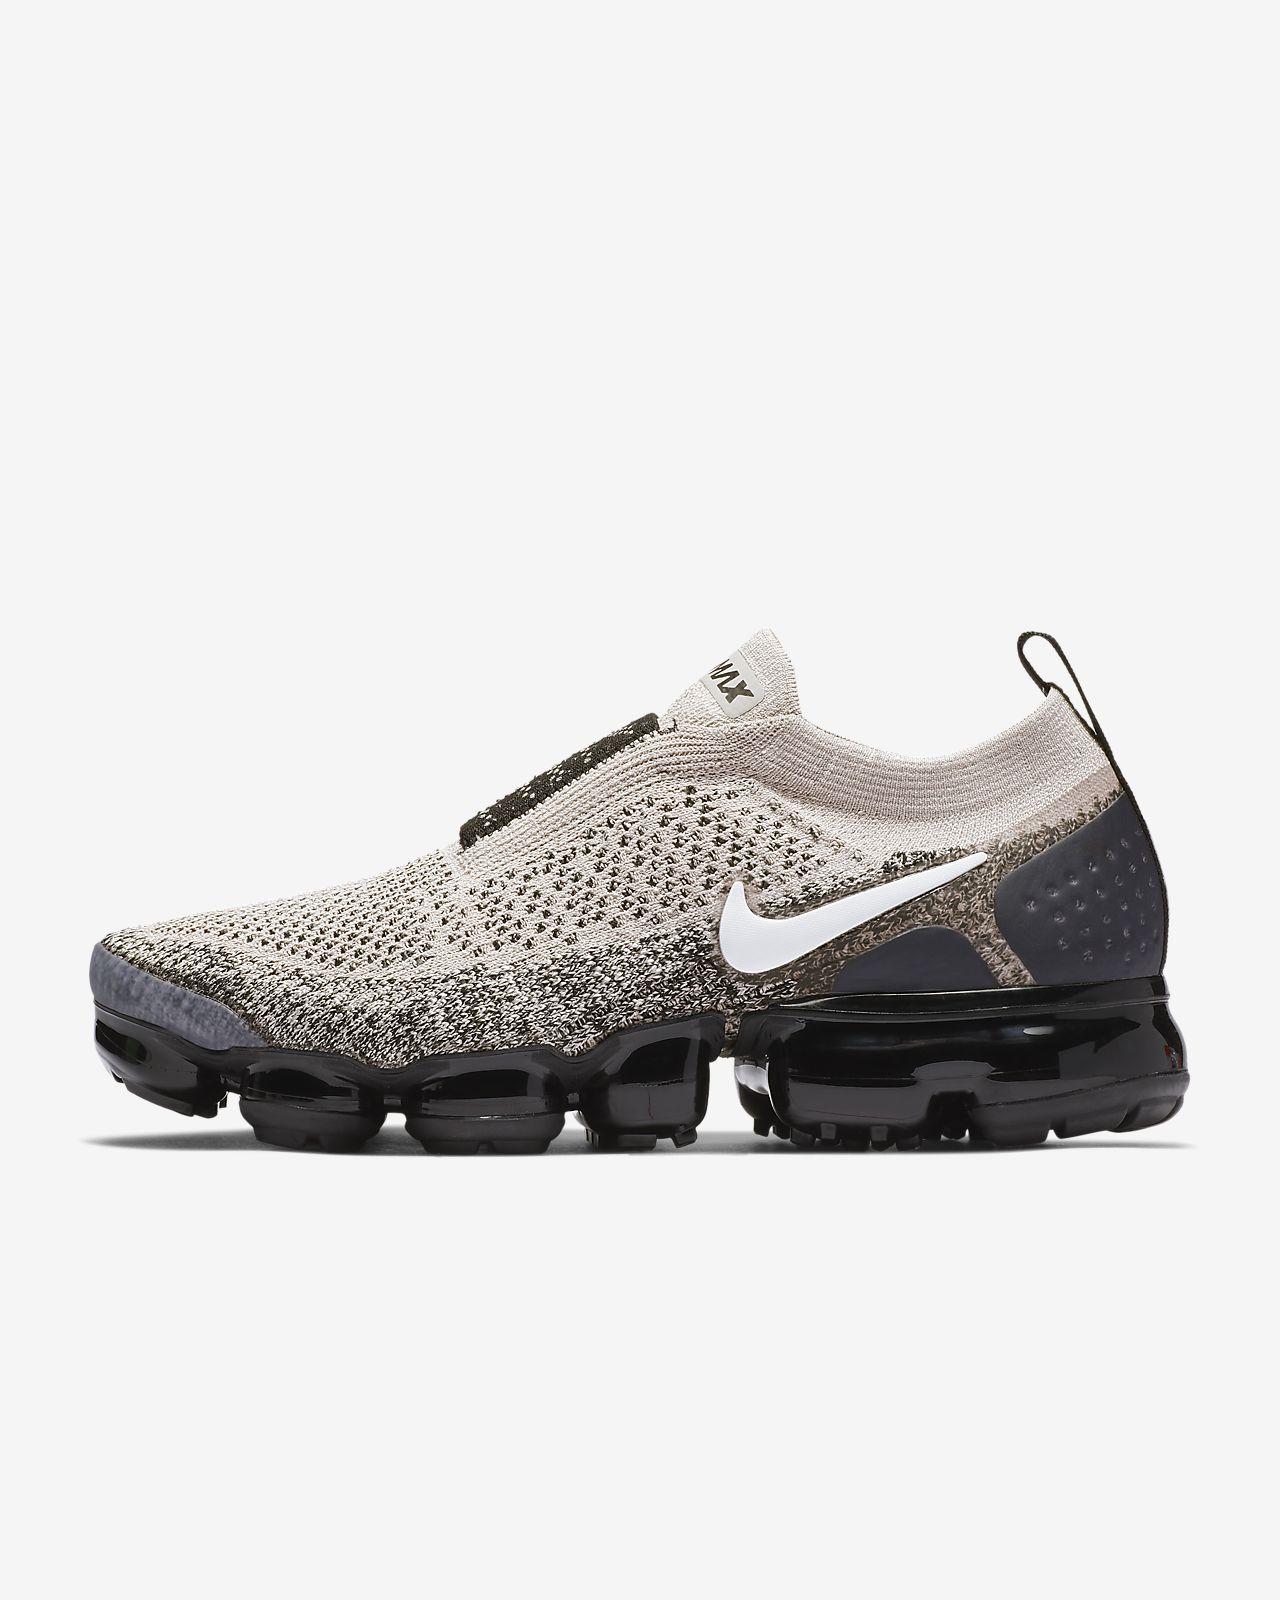 brand new 4da88 8a369 ... Chaussure Nike Air VaporMax Flyknit Moc 2 pour Femme